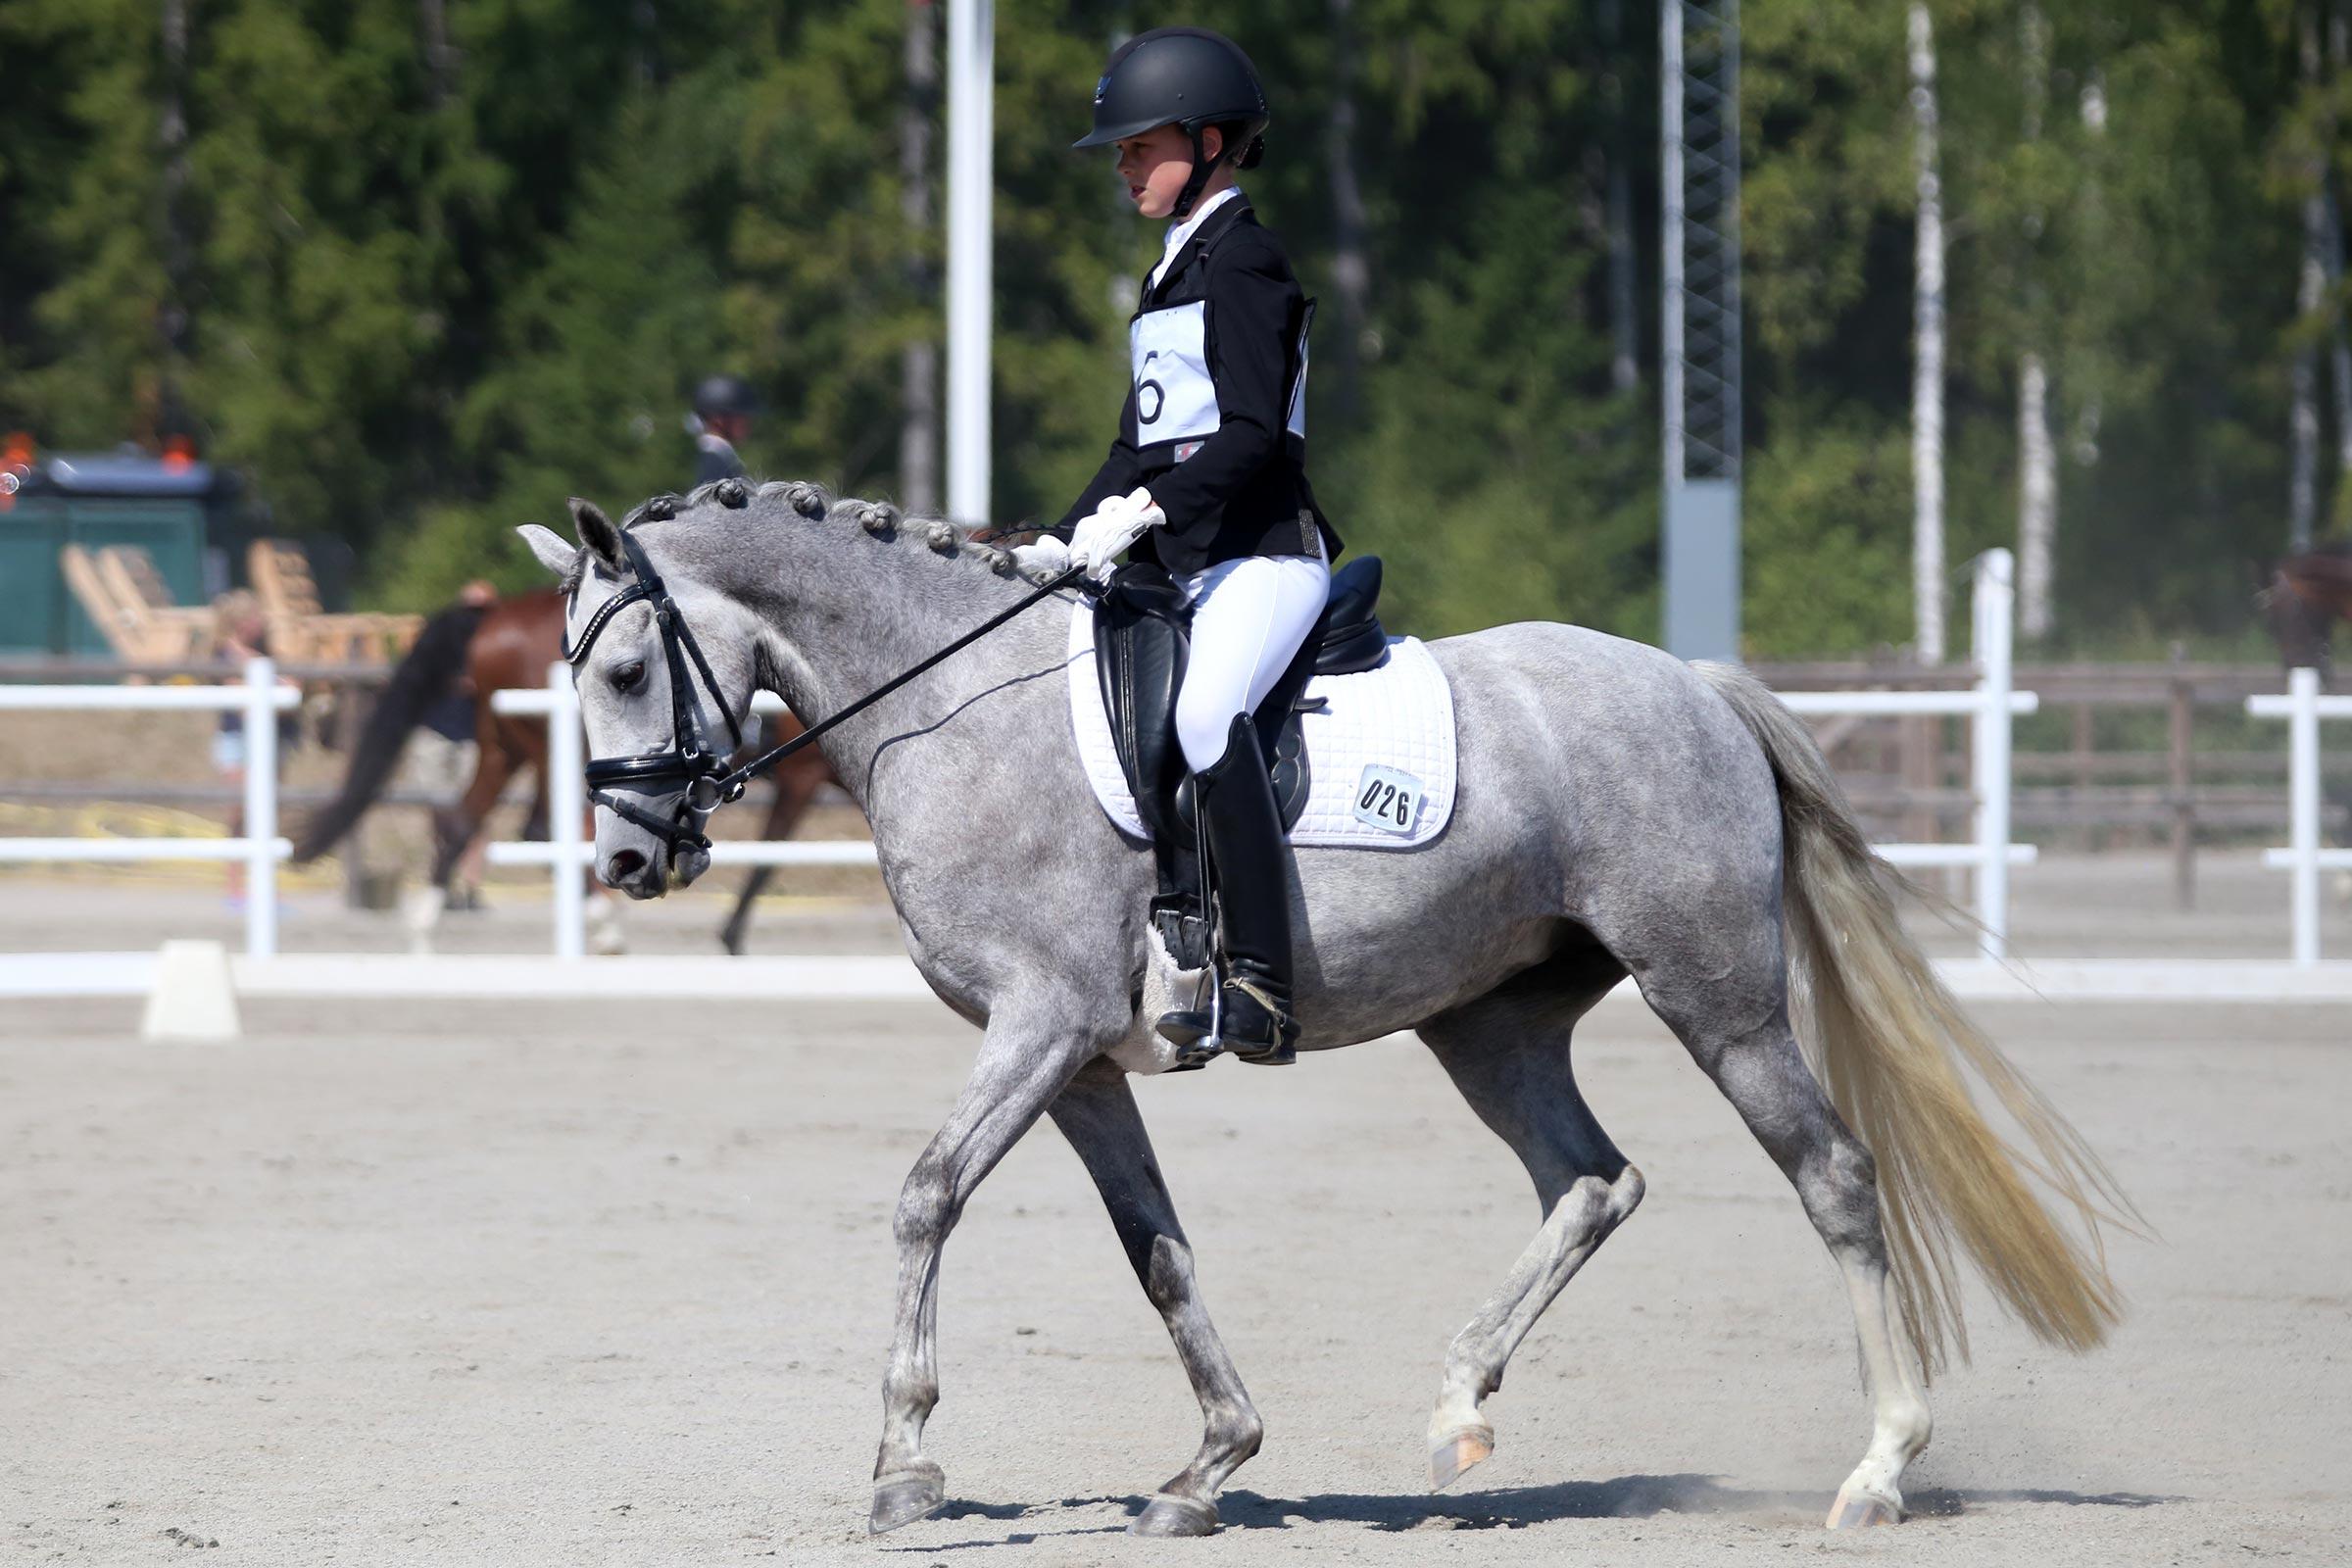 Silver: Siri Enrooth - Chanel Arden (ASRP sto f-14 e Bocaccio Arden-Brillant, uppf Tord Börjesson) 162,400